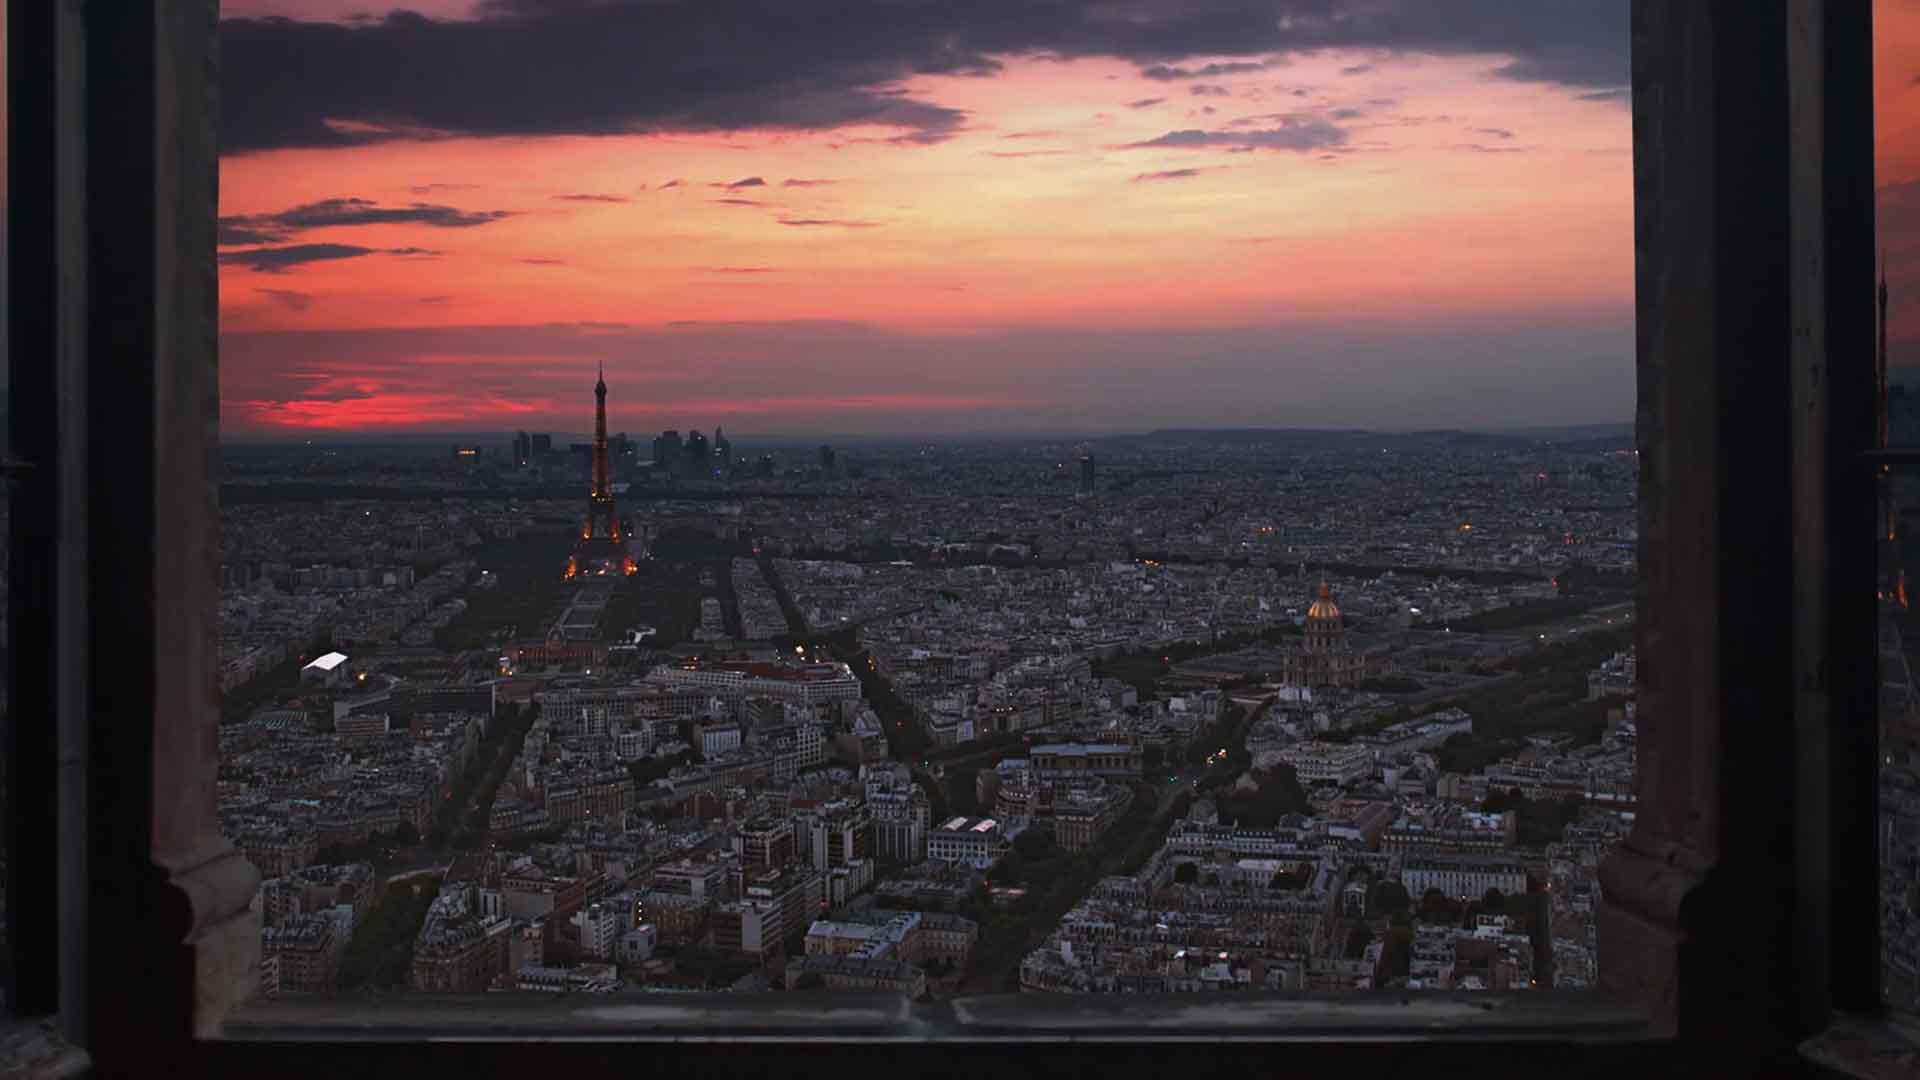 Das Bild zeigt die Aussicht auf eine Stadt. Die Sonne geht unter, die Stadt liegt in der Abenddämmerung. Das Bild wurde aus einem Hotelzimmer aufgenommen, die rechte und linke Seite zeigt die Vorhänge. Das Bild dient als Sliderbild für den Portfolioeintrag Engel und Völkers Recruitingfilm von Panda Pictures.